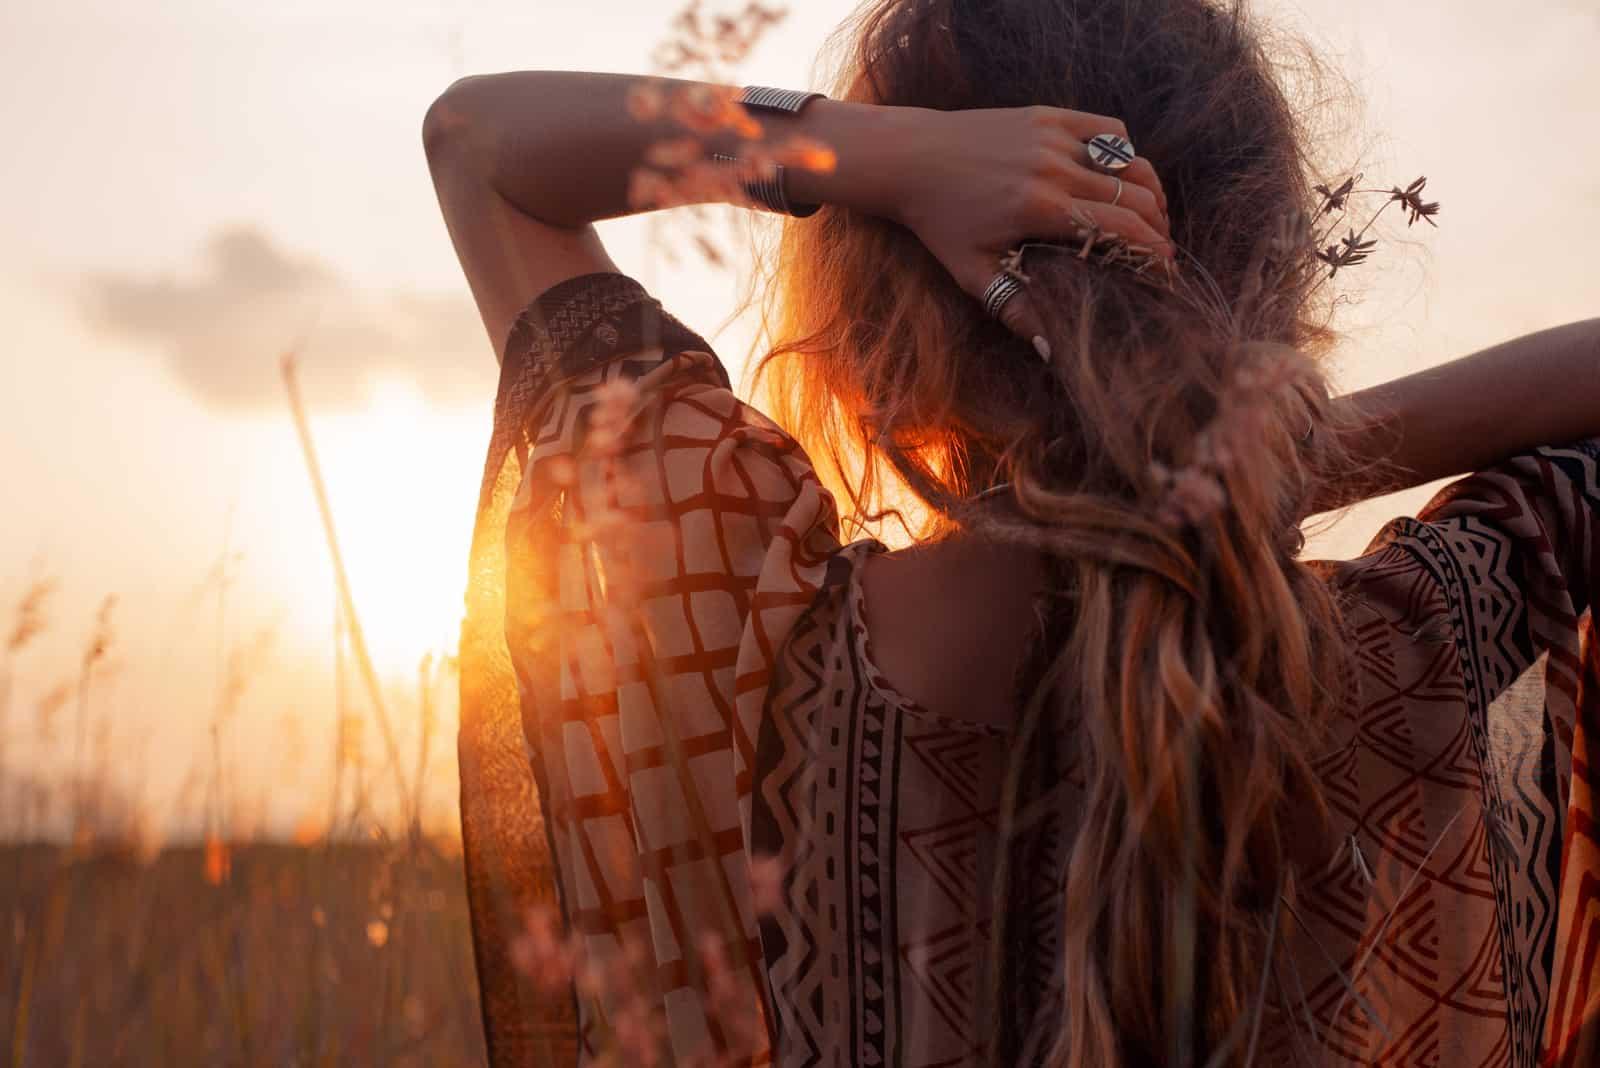 Nahaufnahme einer schönen jungen Frau bei Sonnenuntergang